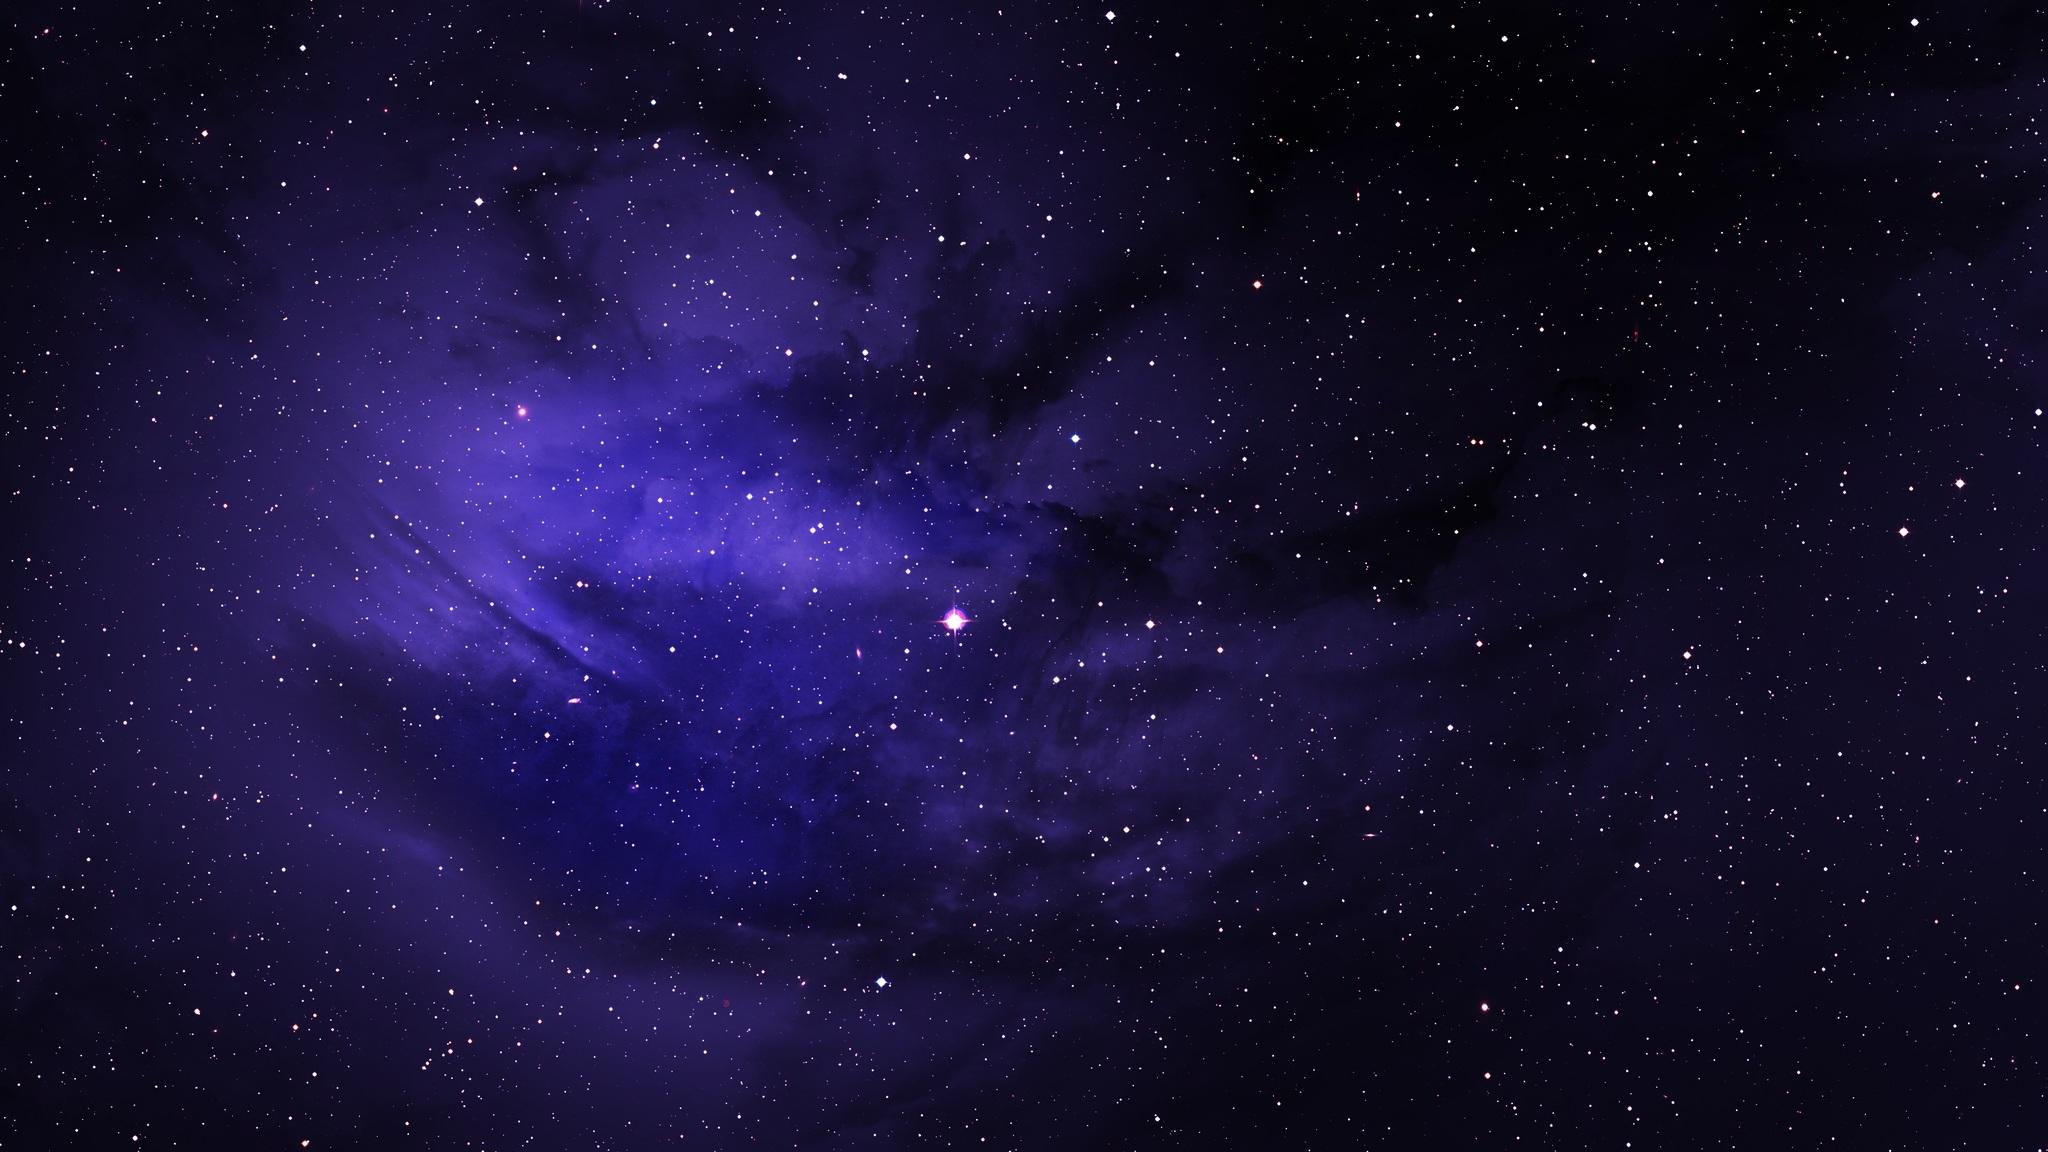 2048x1152 Space Stars Purple Sky 2048x1152 Resolution HD ...